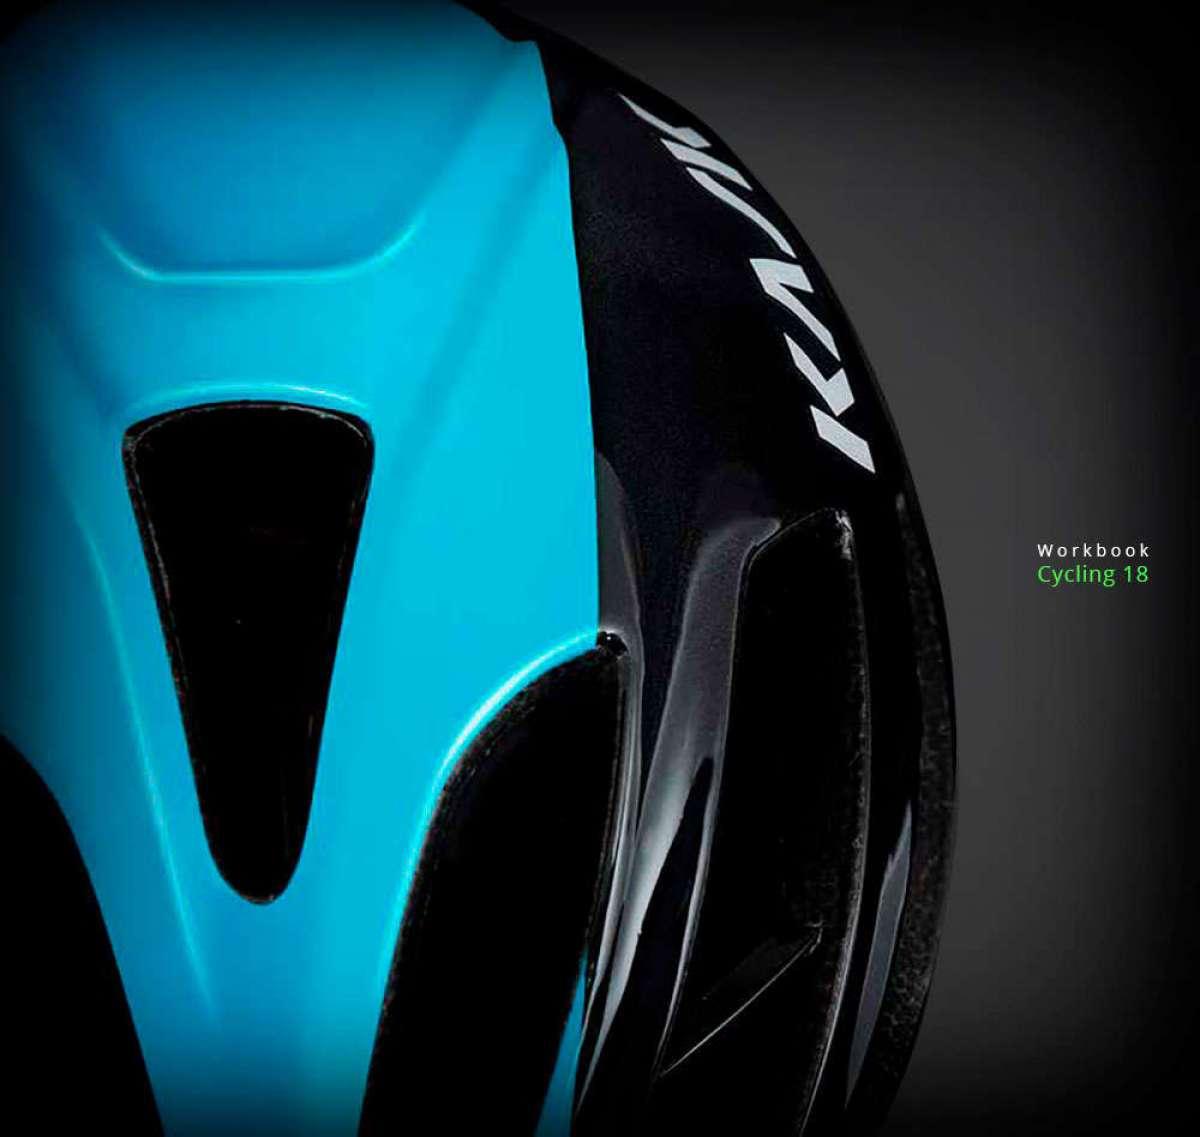 Catálogo de Kask 2018. Toda la gama de cascos Kask para la temporada 2018